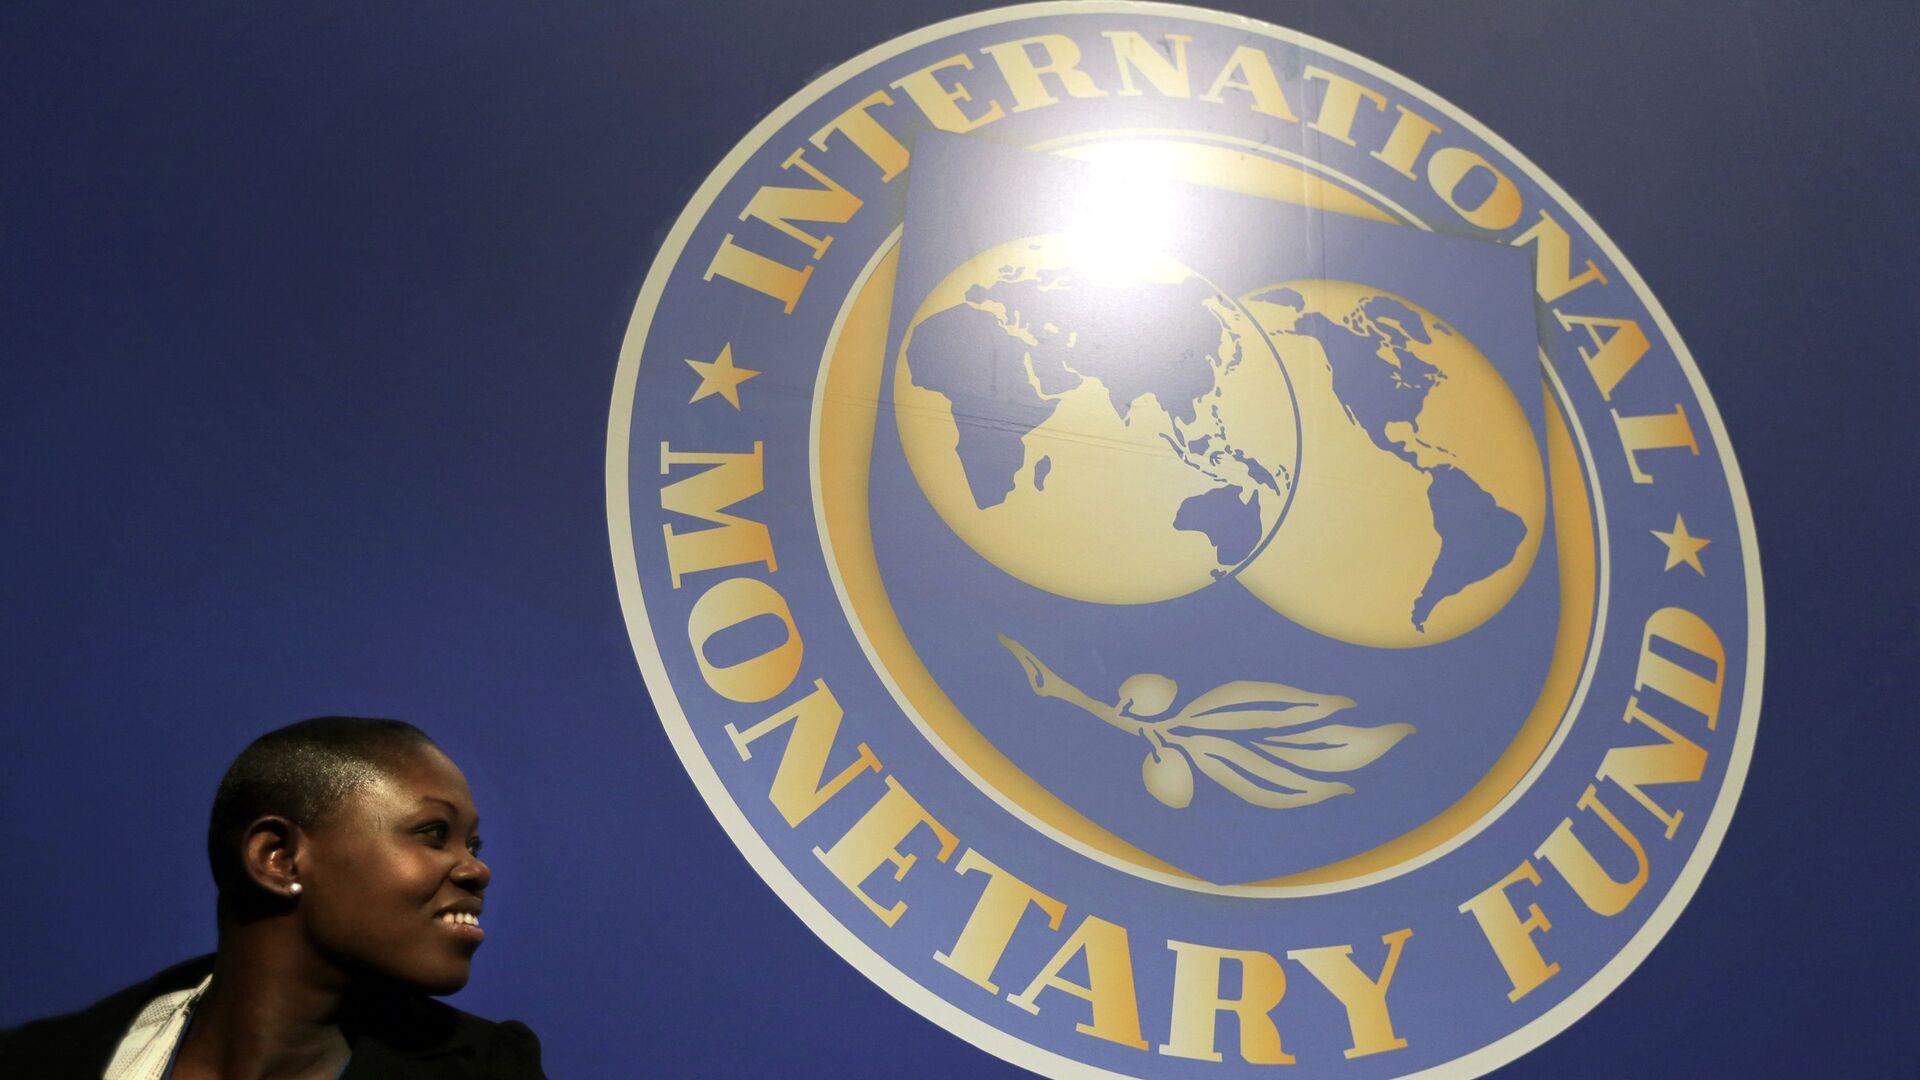 El logo del Fondo Monetario Internacional (FMI) - Sputnik Mundo, 1920, 11.10.2021